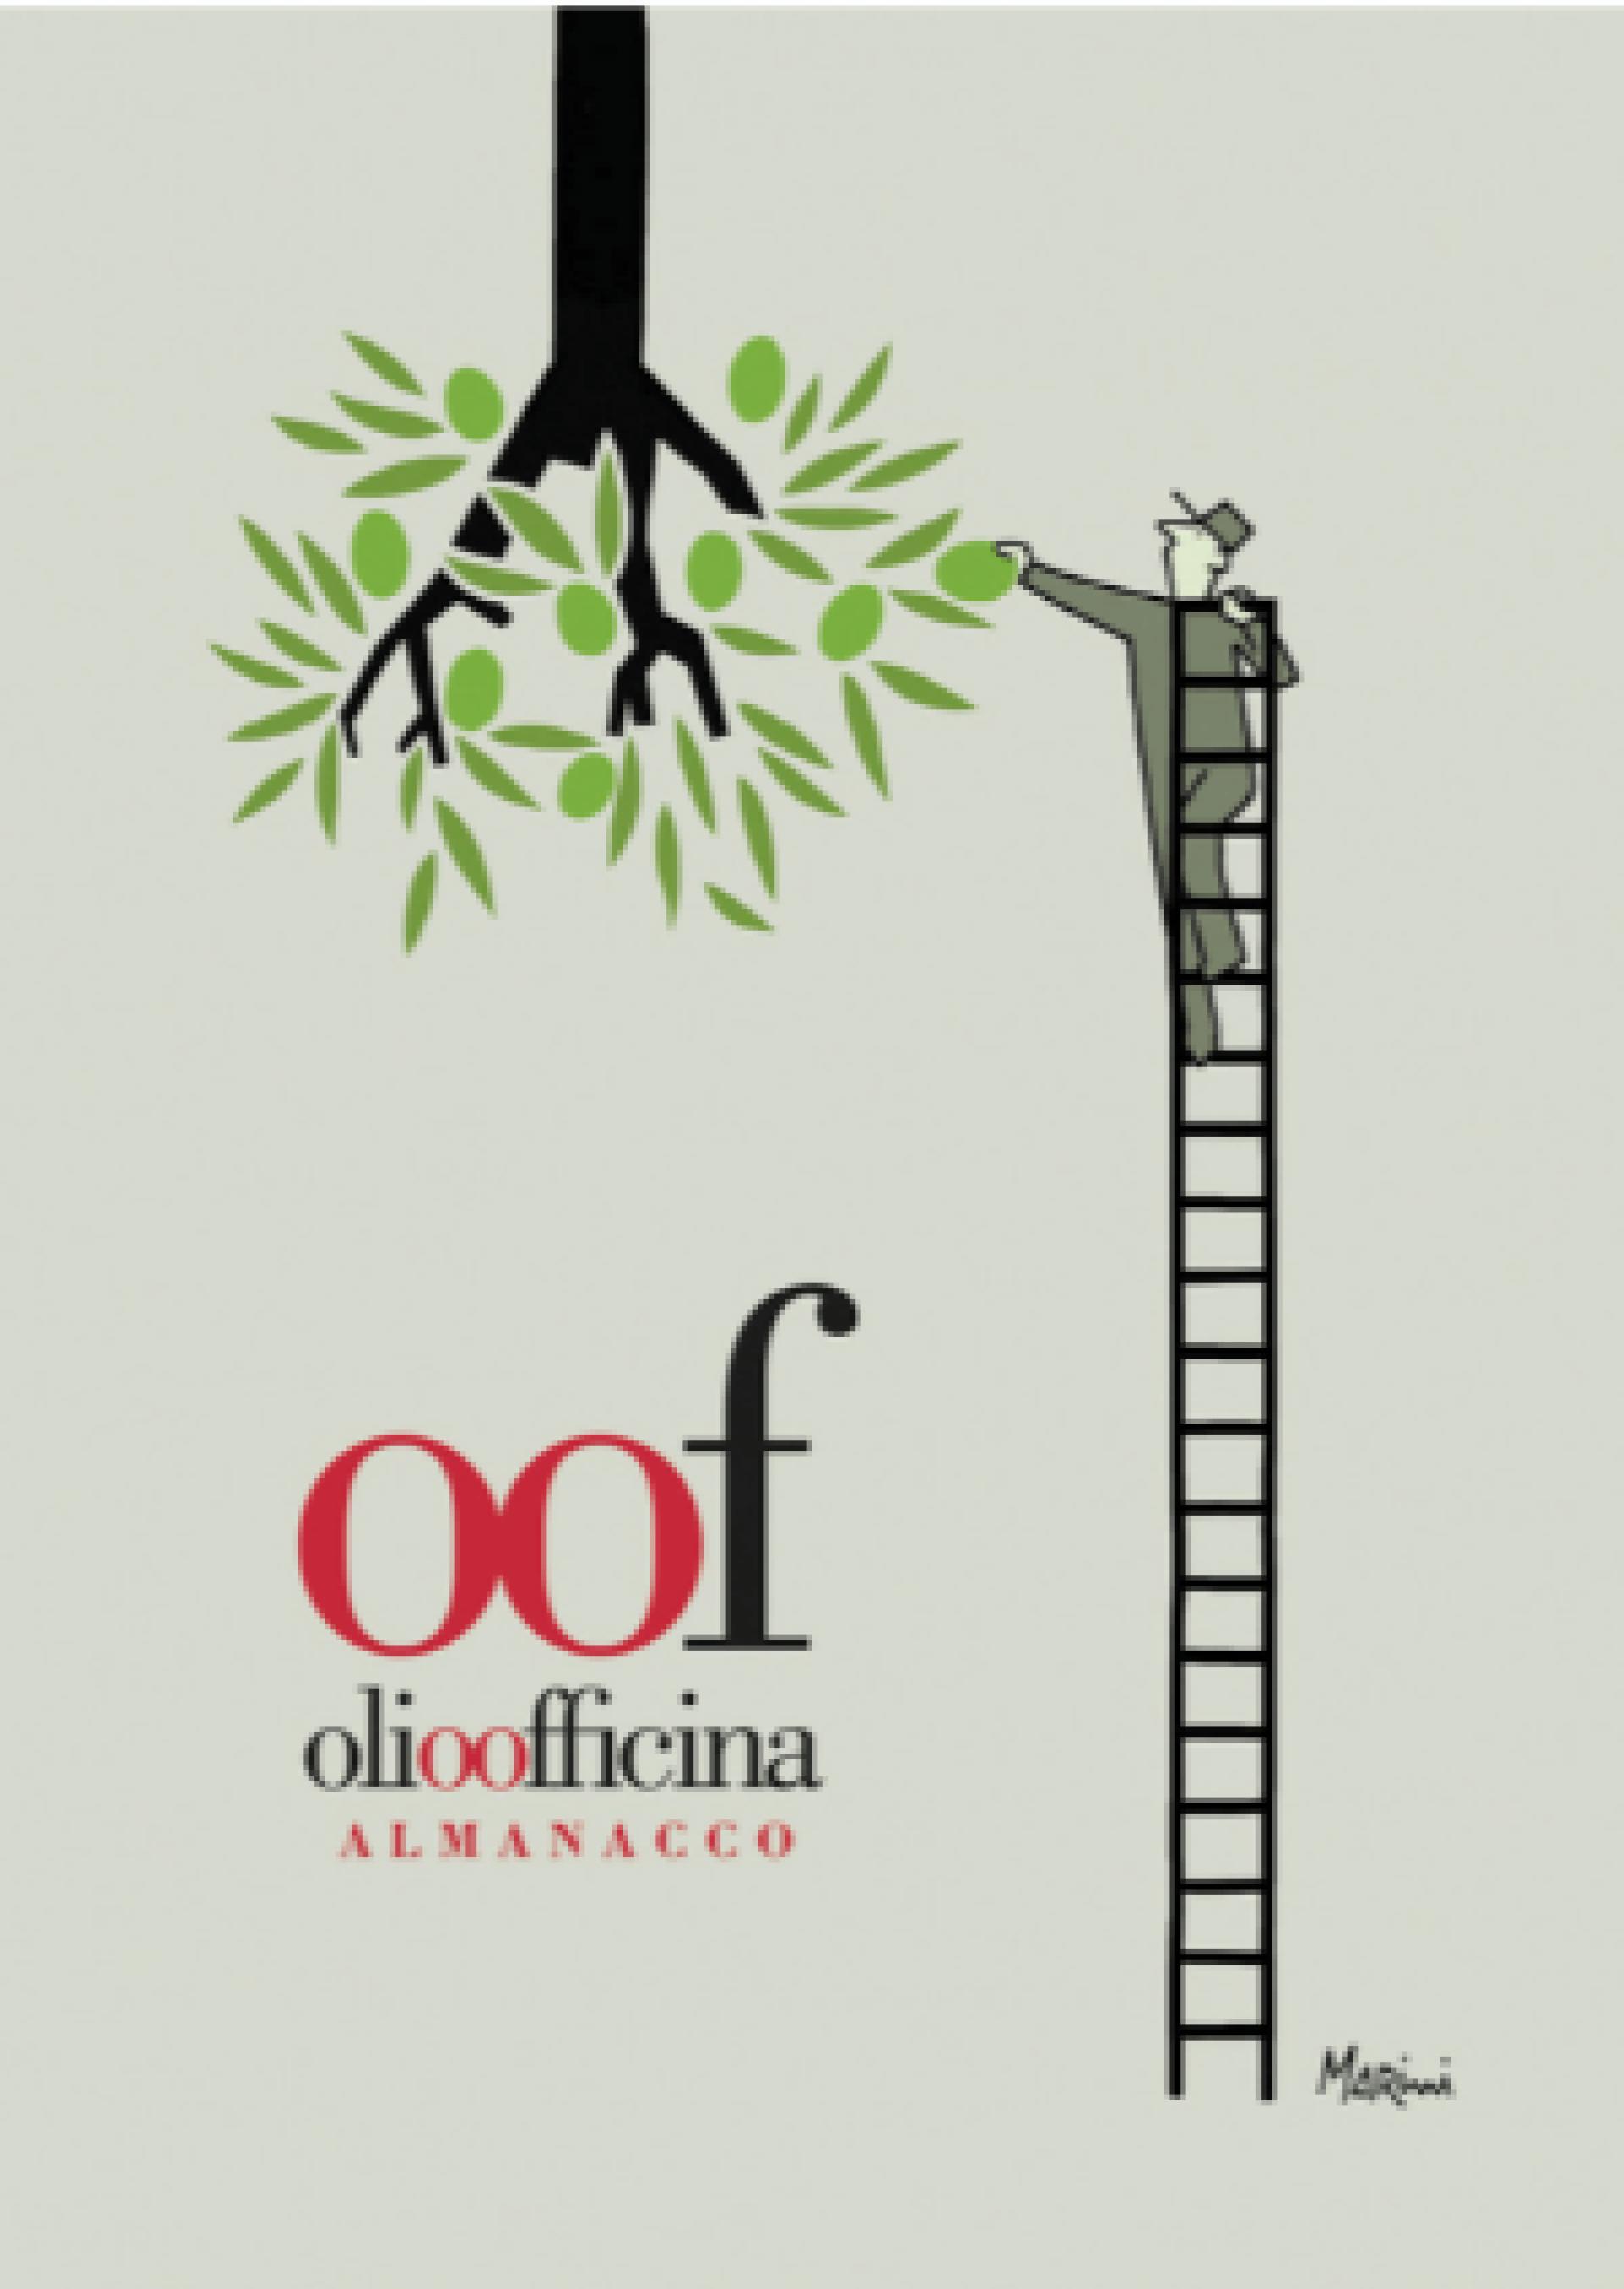 Olio Officina Almanacco 2016